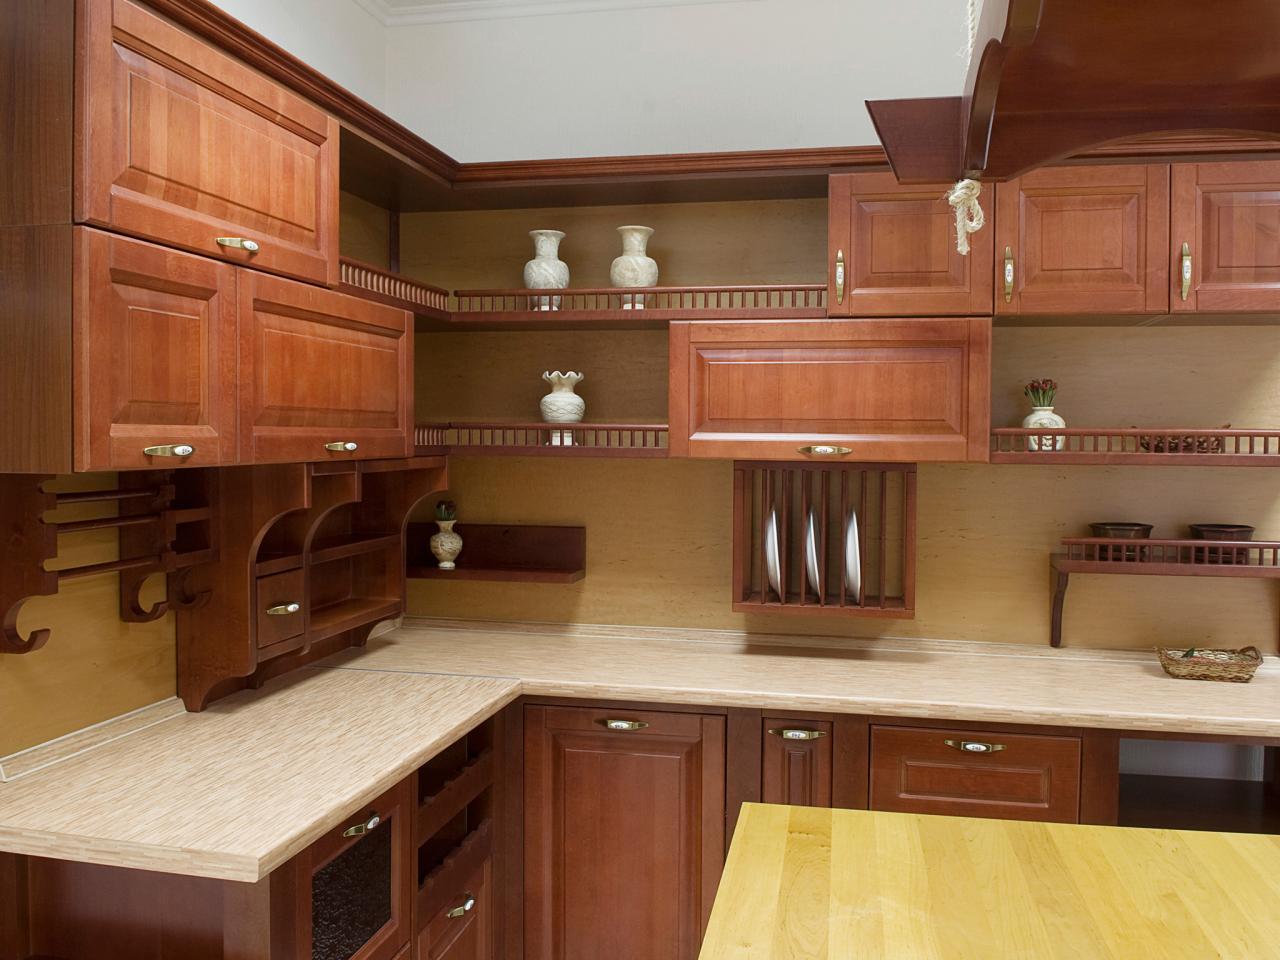 open kitchen cabinets ideas photo - 1